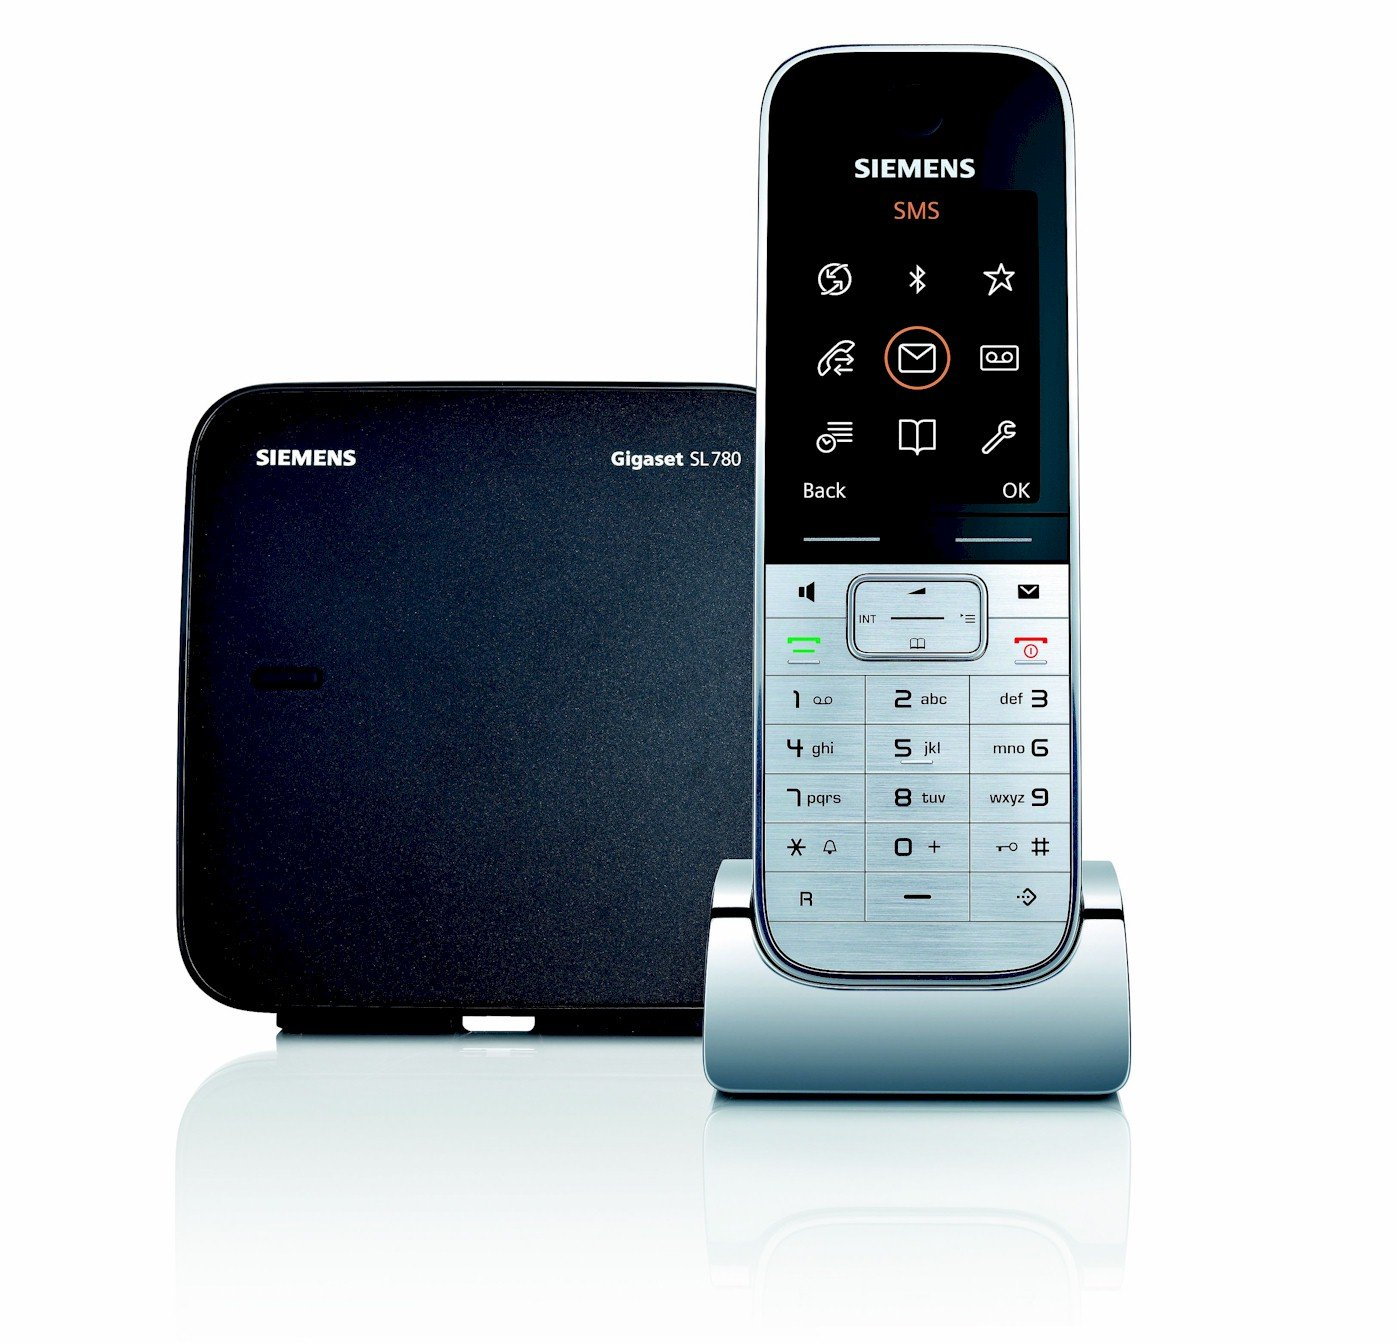 Siemens Gigaset SISL780 - Teléfono fijo inalámbrico, agenda para 500 entradas, conexión al PC vía Bluethooth, color negro y plata